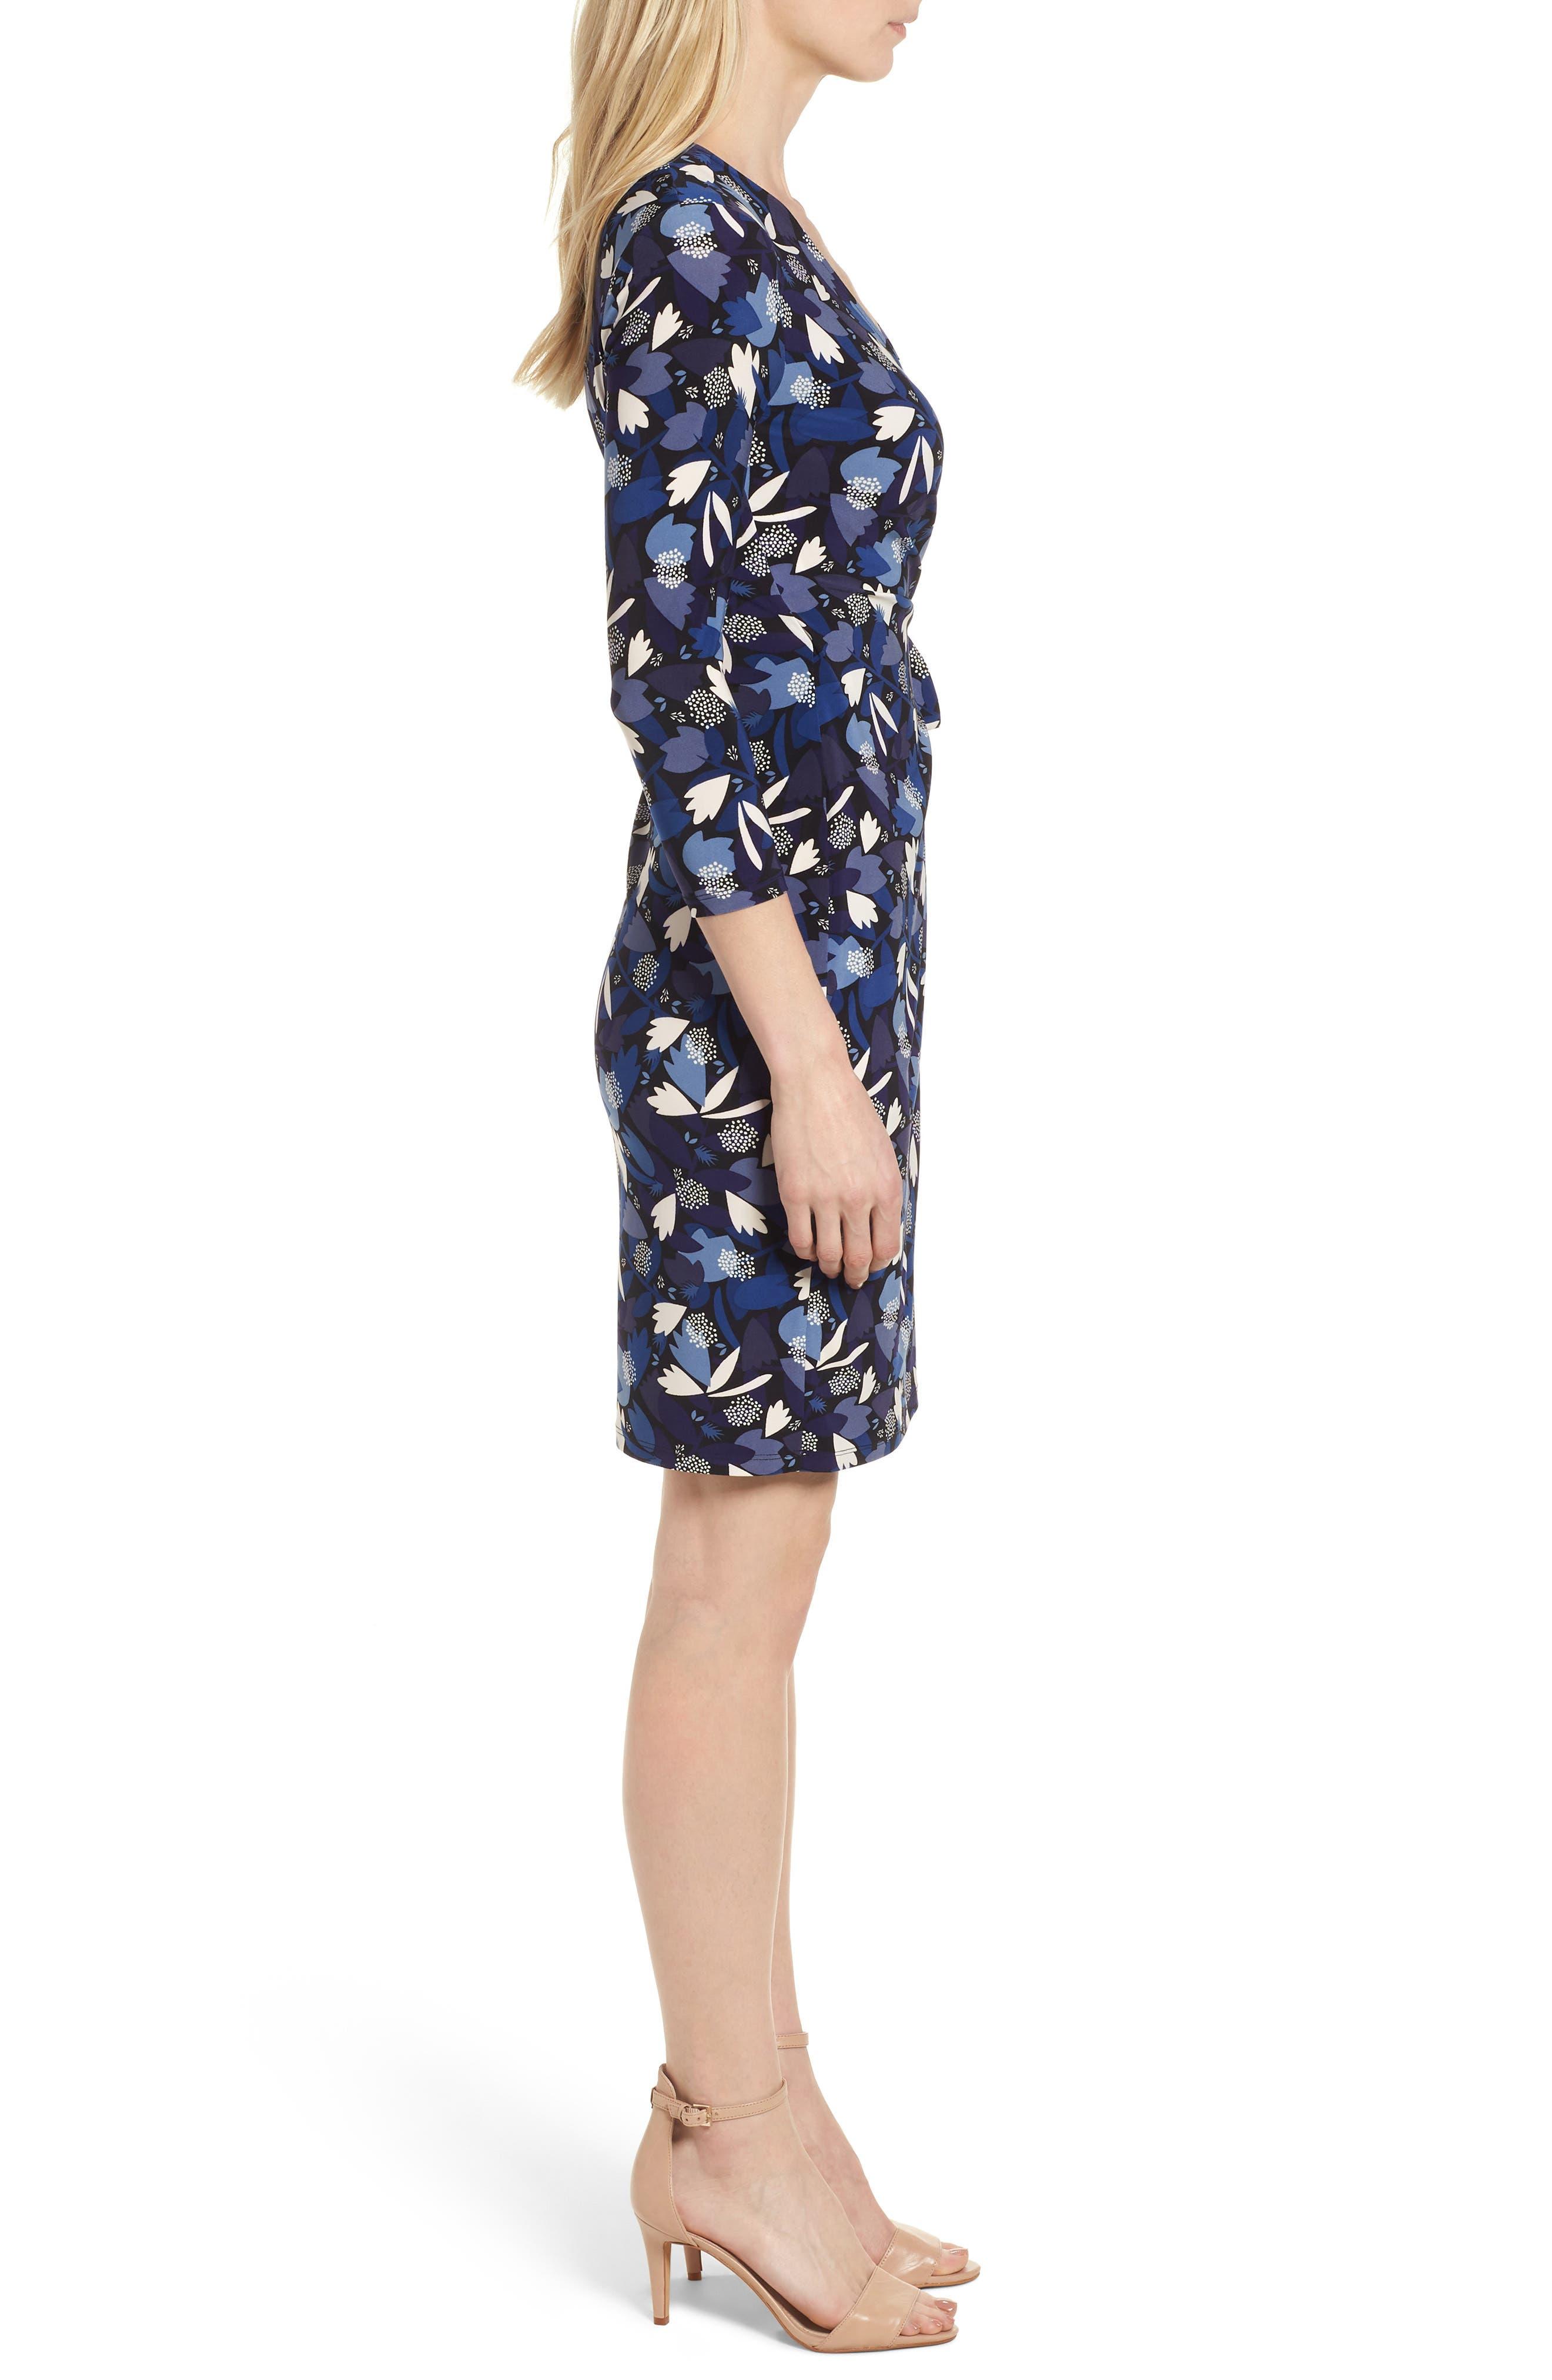 New York Amalfi Print Classic Wrap Dress,                             Alternate thumbnail 3, color,                             Black/ Monaco Combo